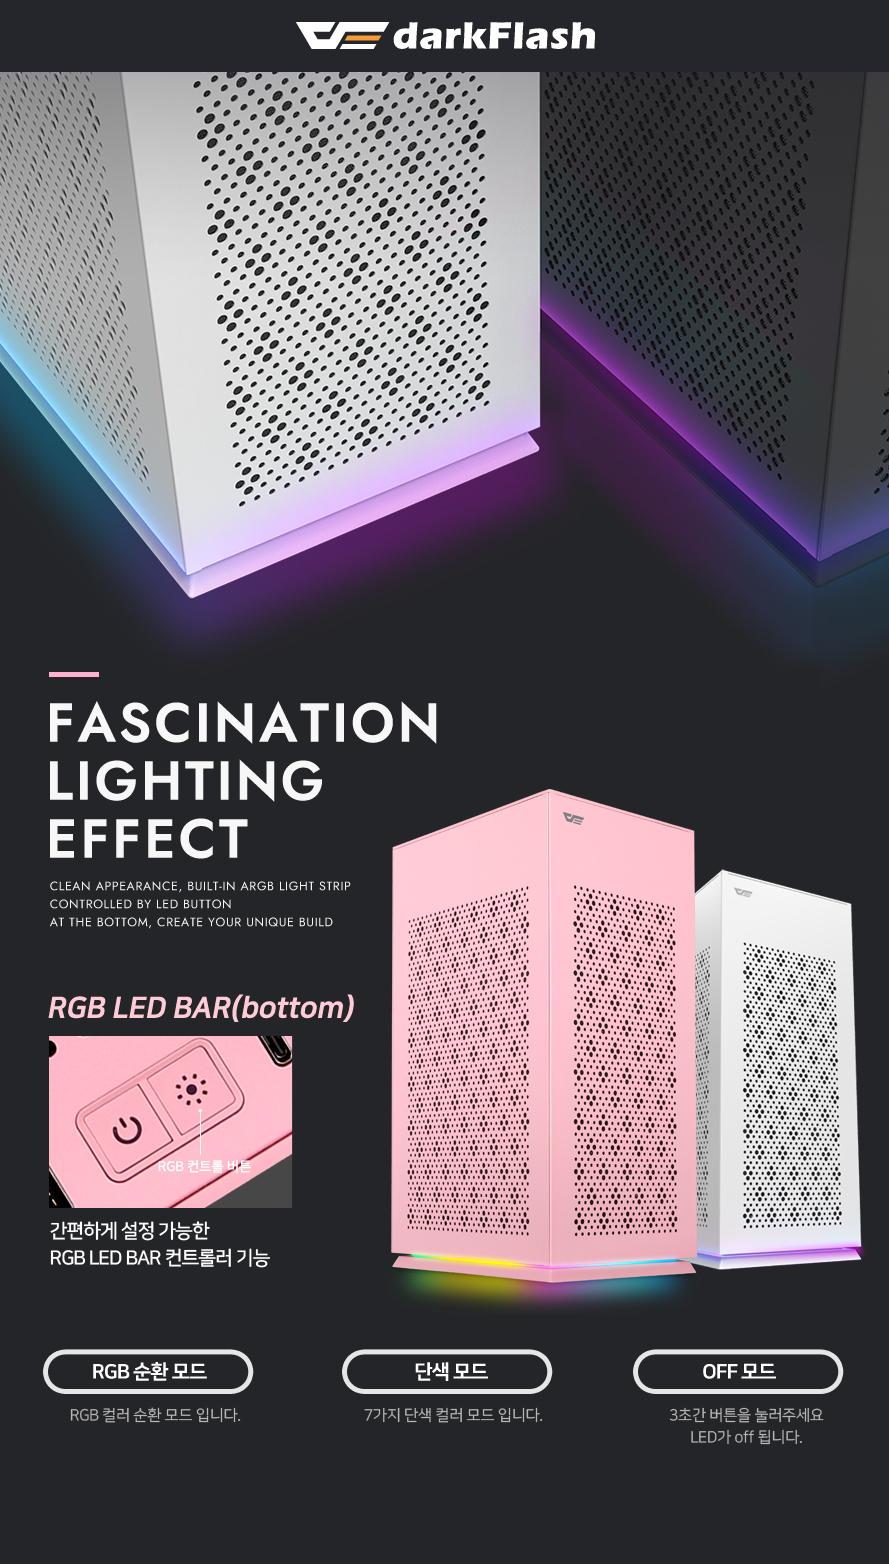 darkFlash DLH21 (핑크)